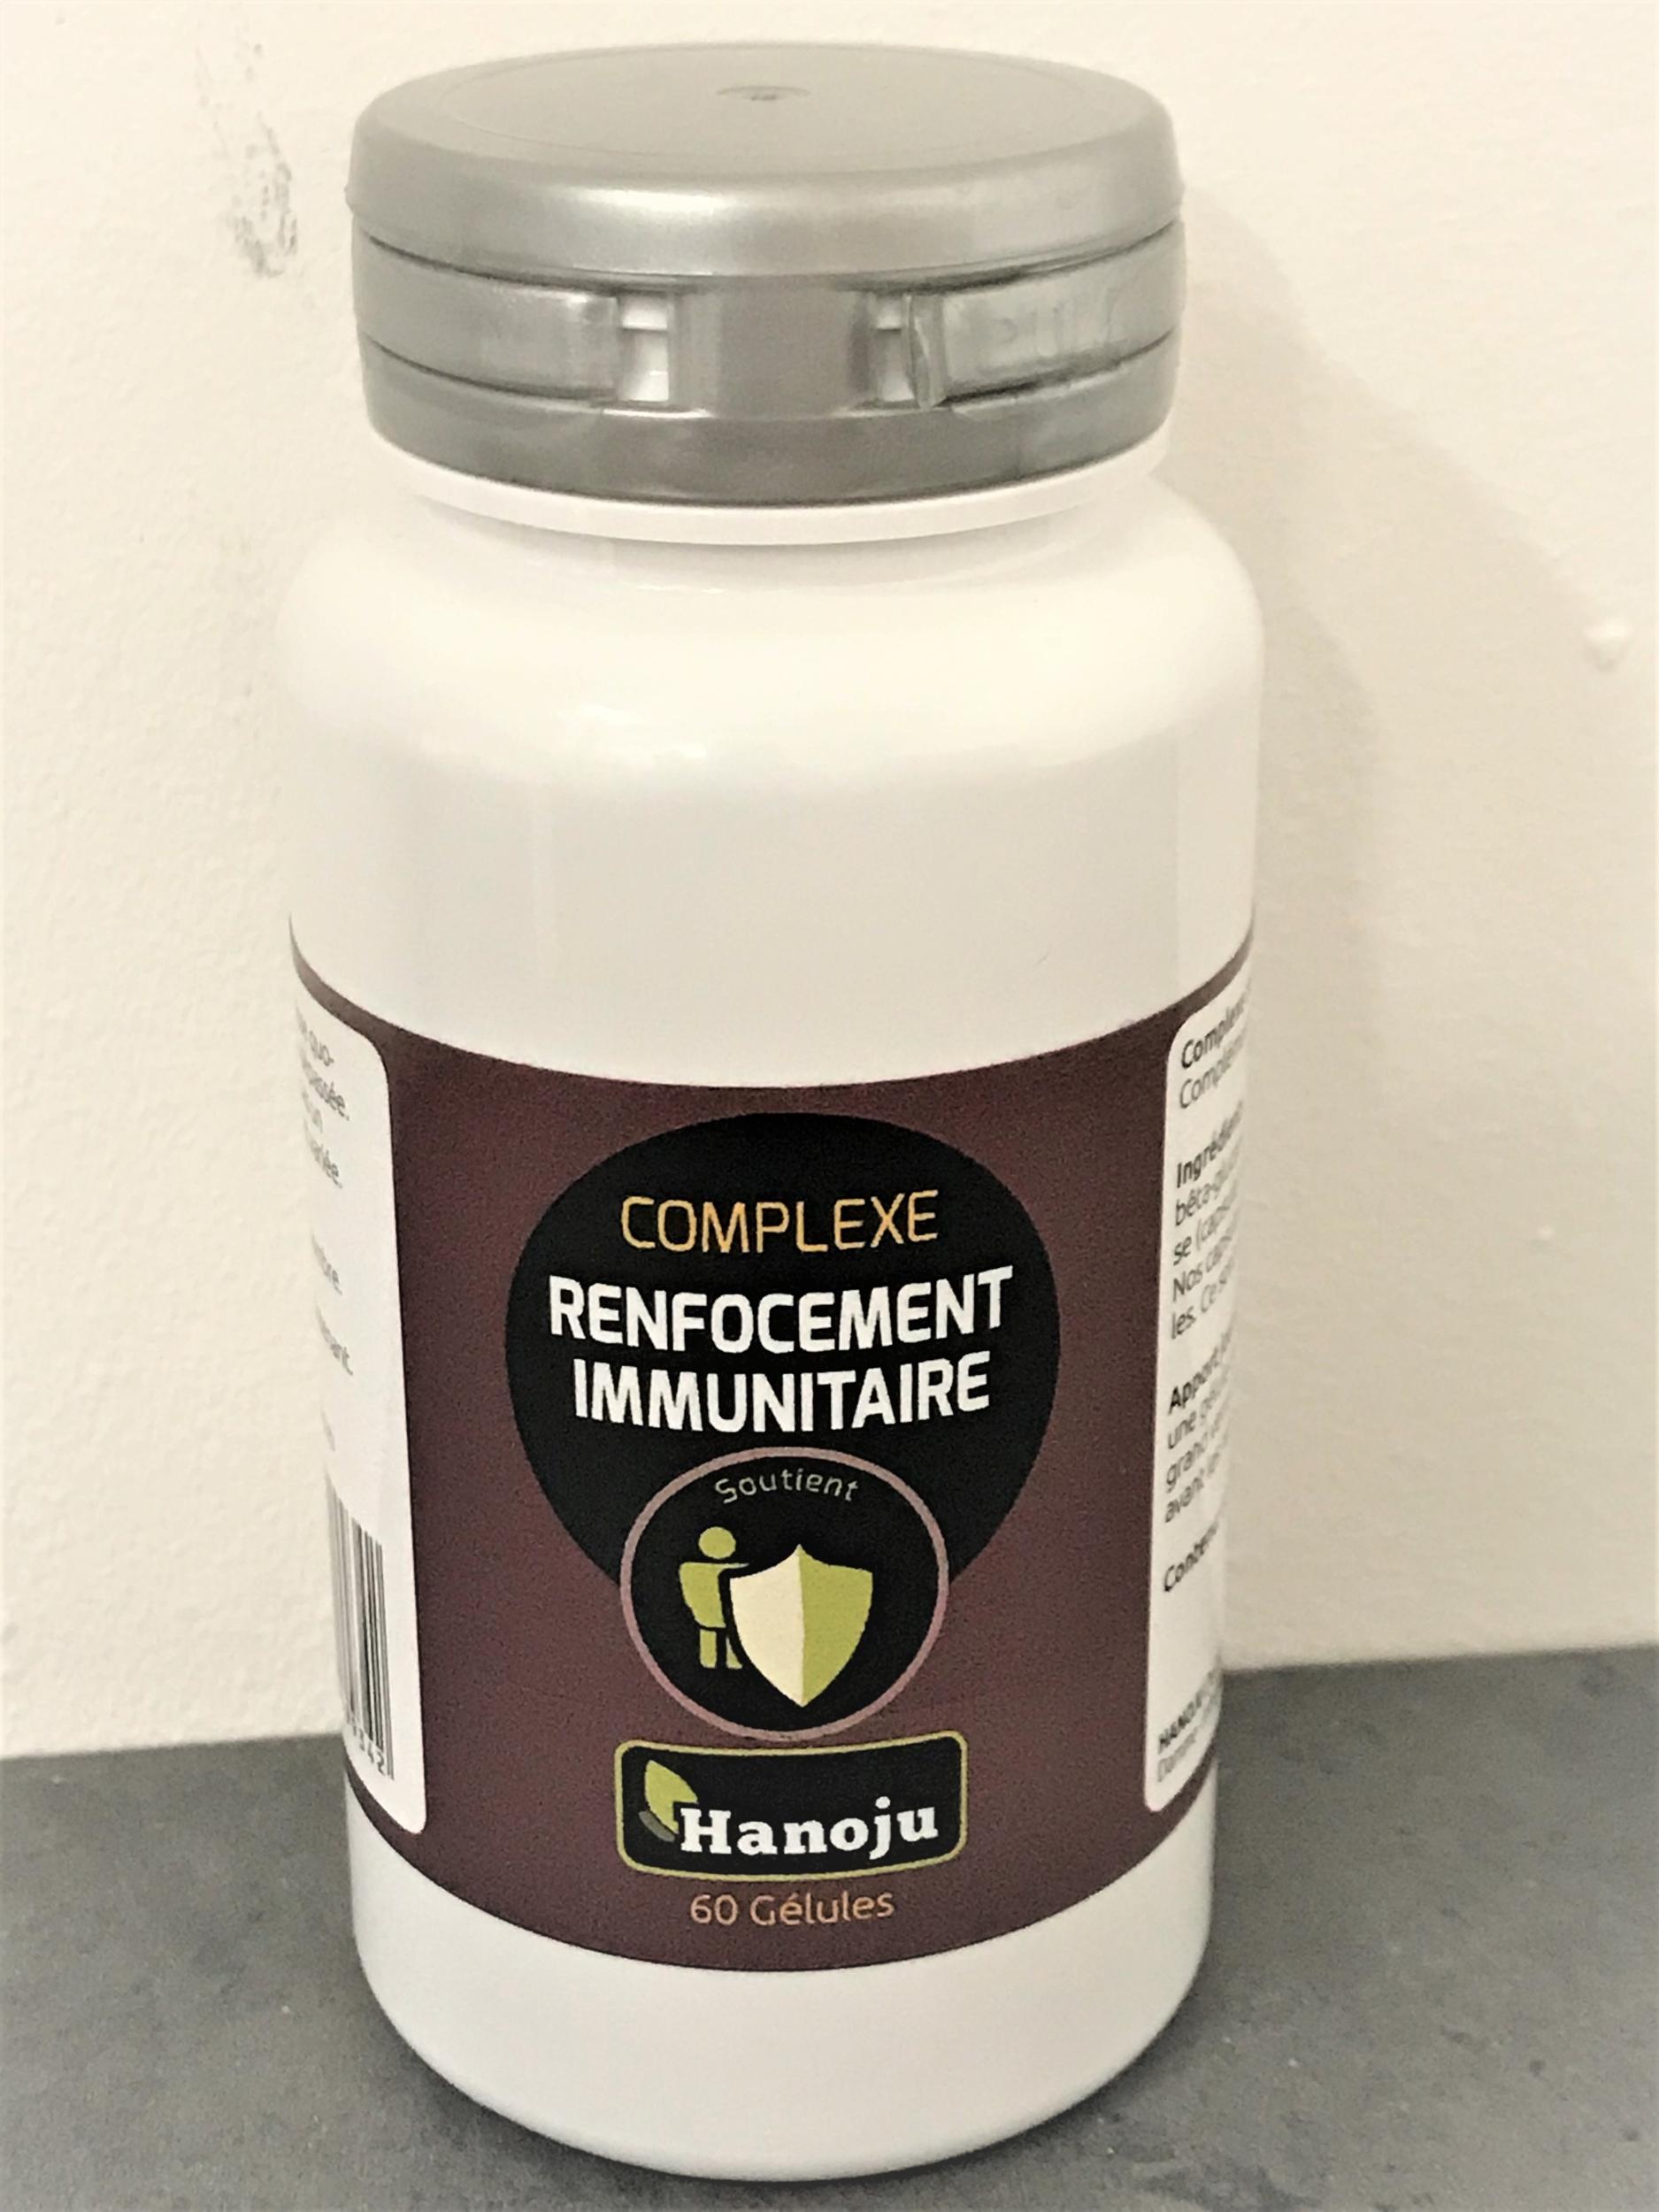 Complexe de renforcement immunitaire - 60 gélules à 601 mg